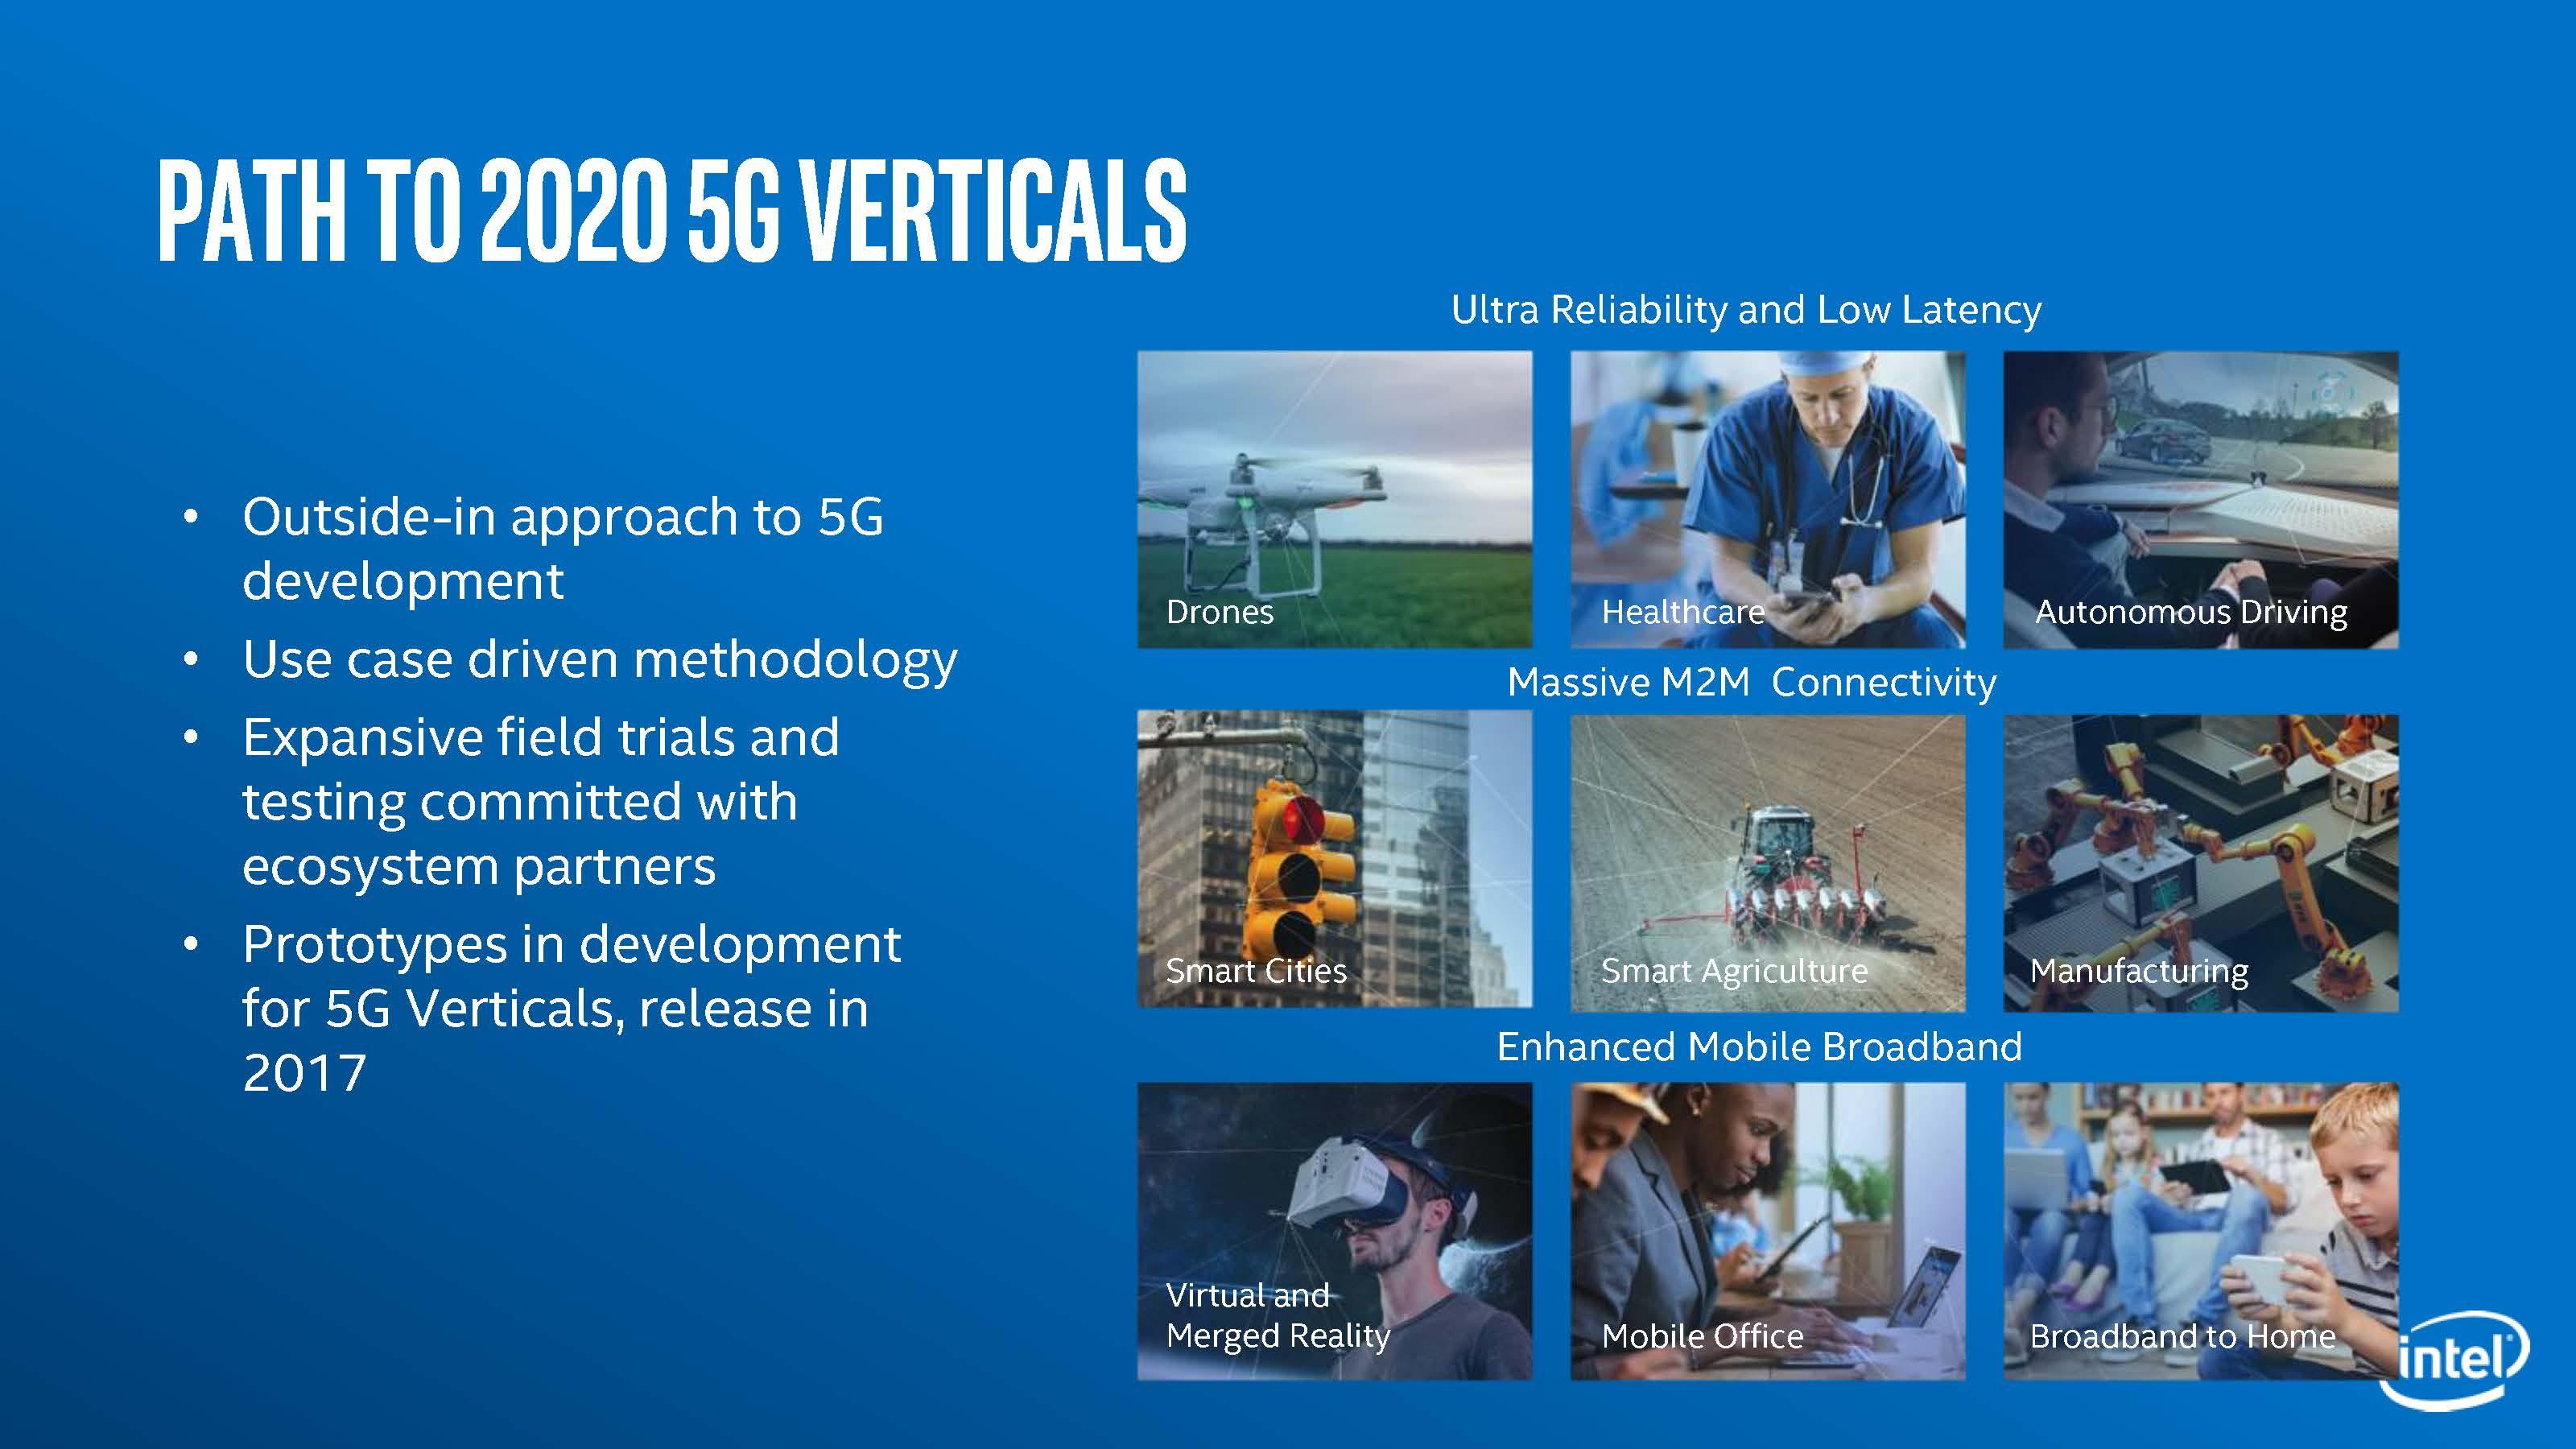 2020年に向けて各種の開発が進められている